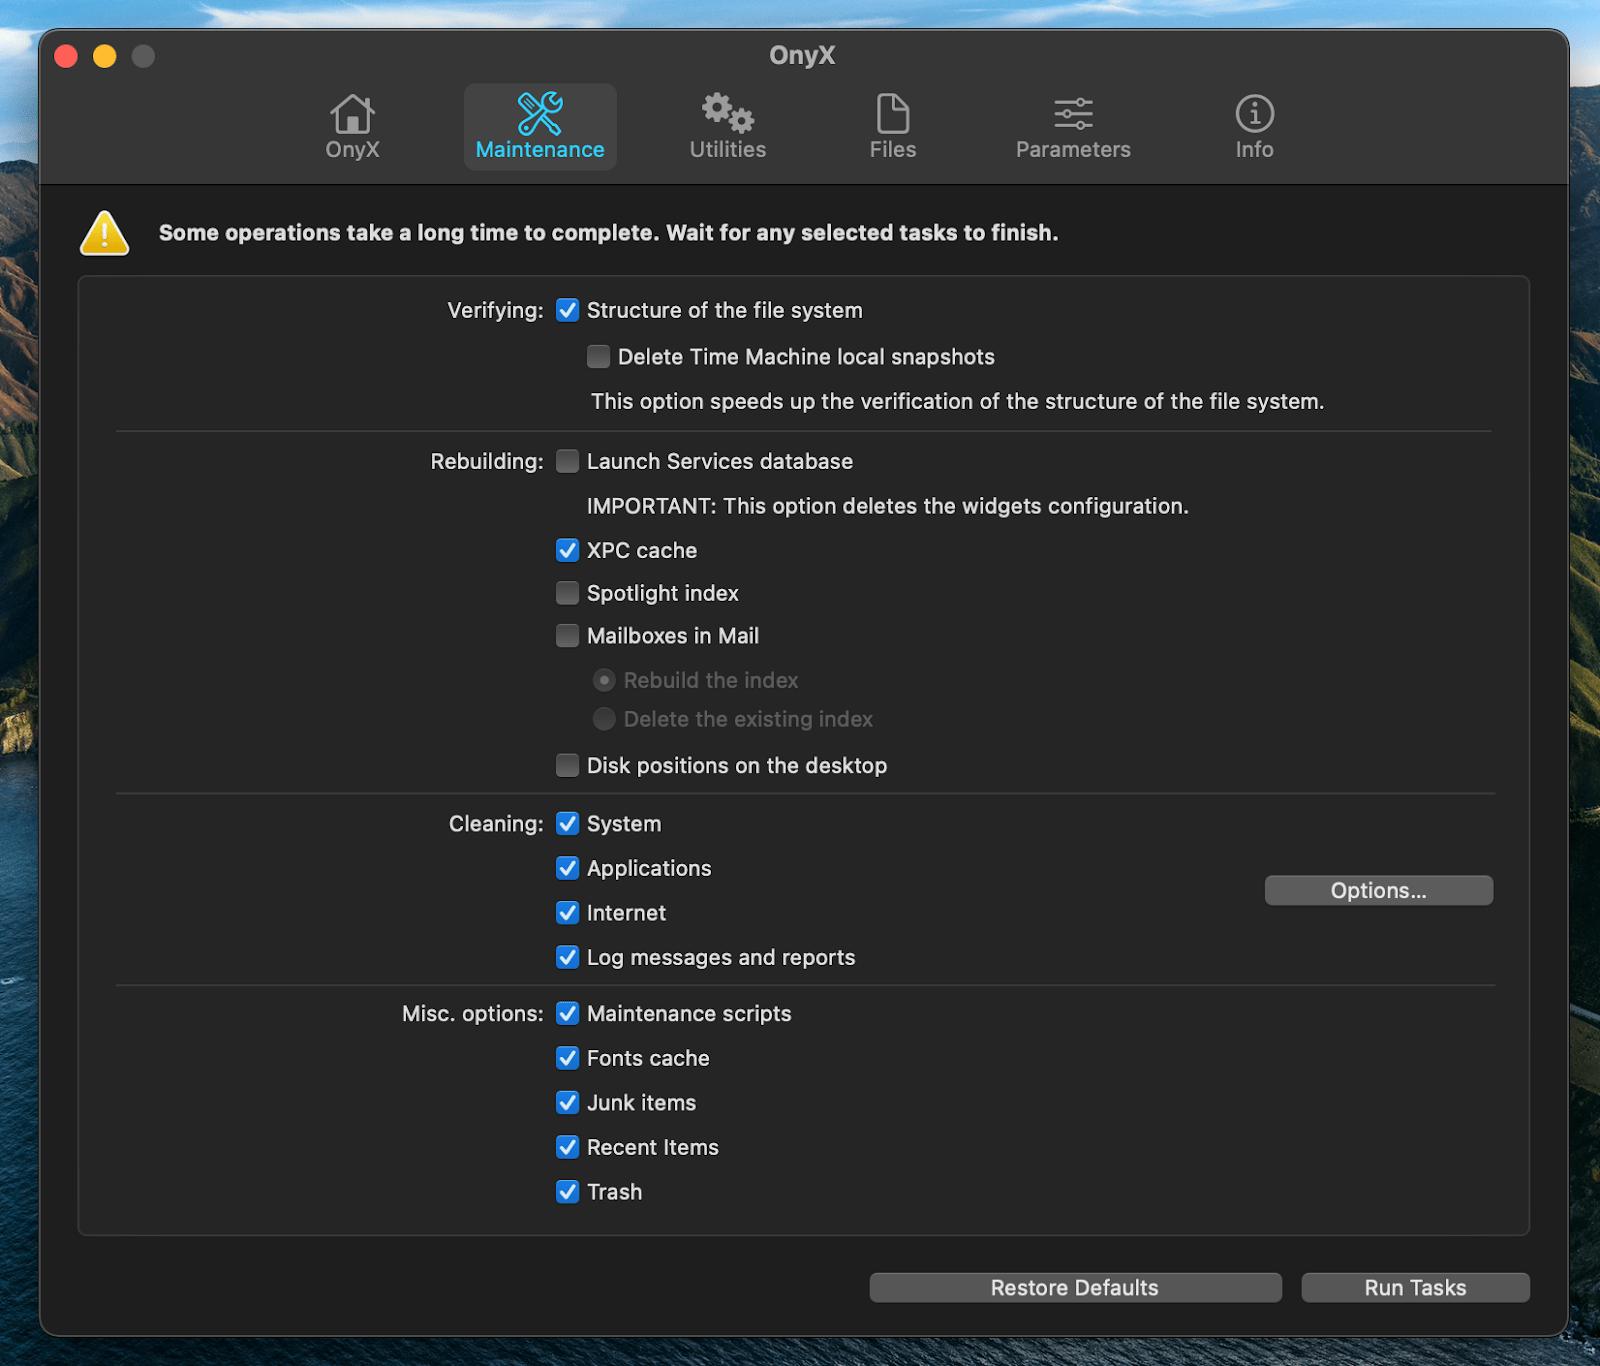 OnyX mac